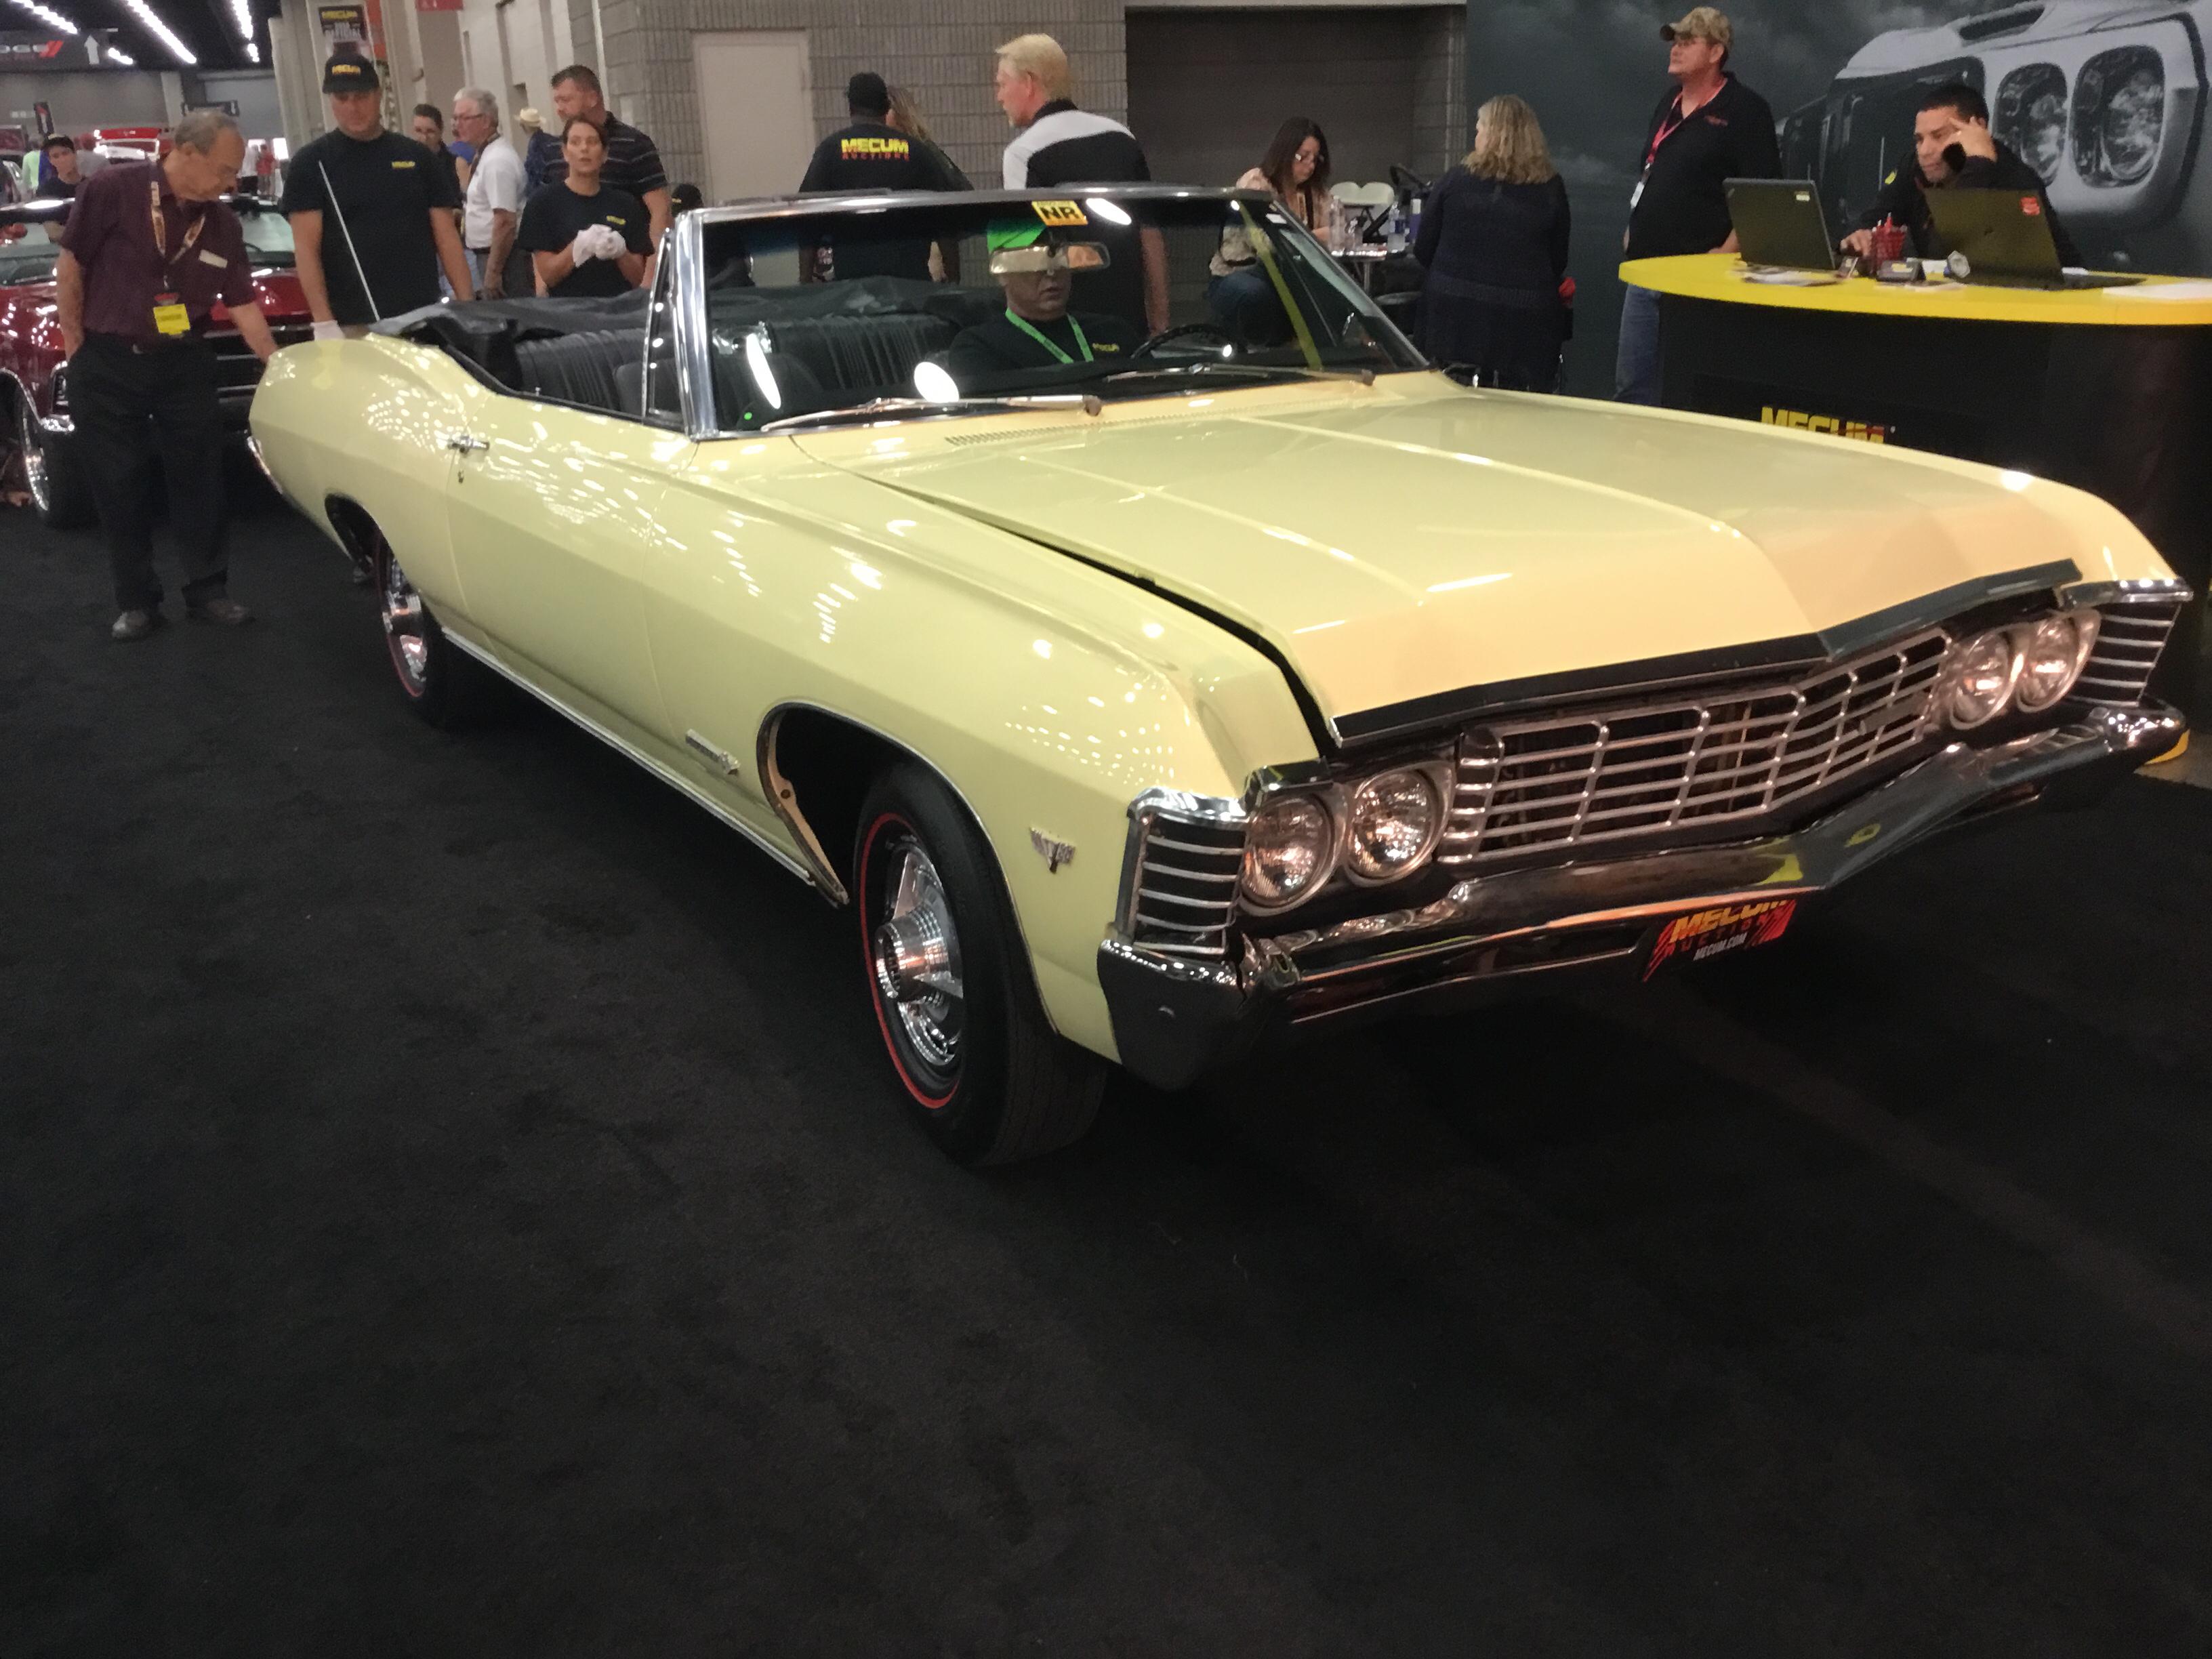 1967 Chevrolet Impala Values Hagerty Valuation Tool